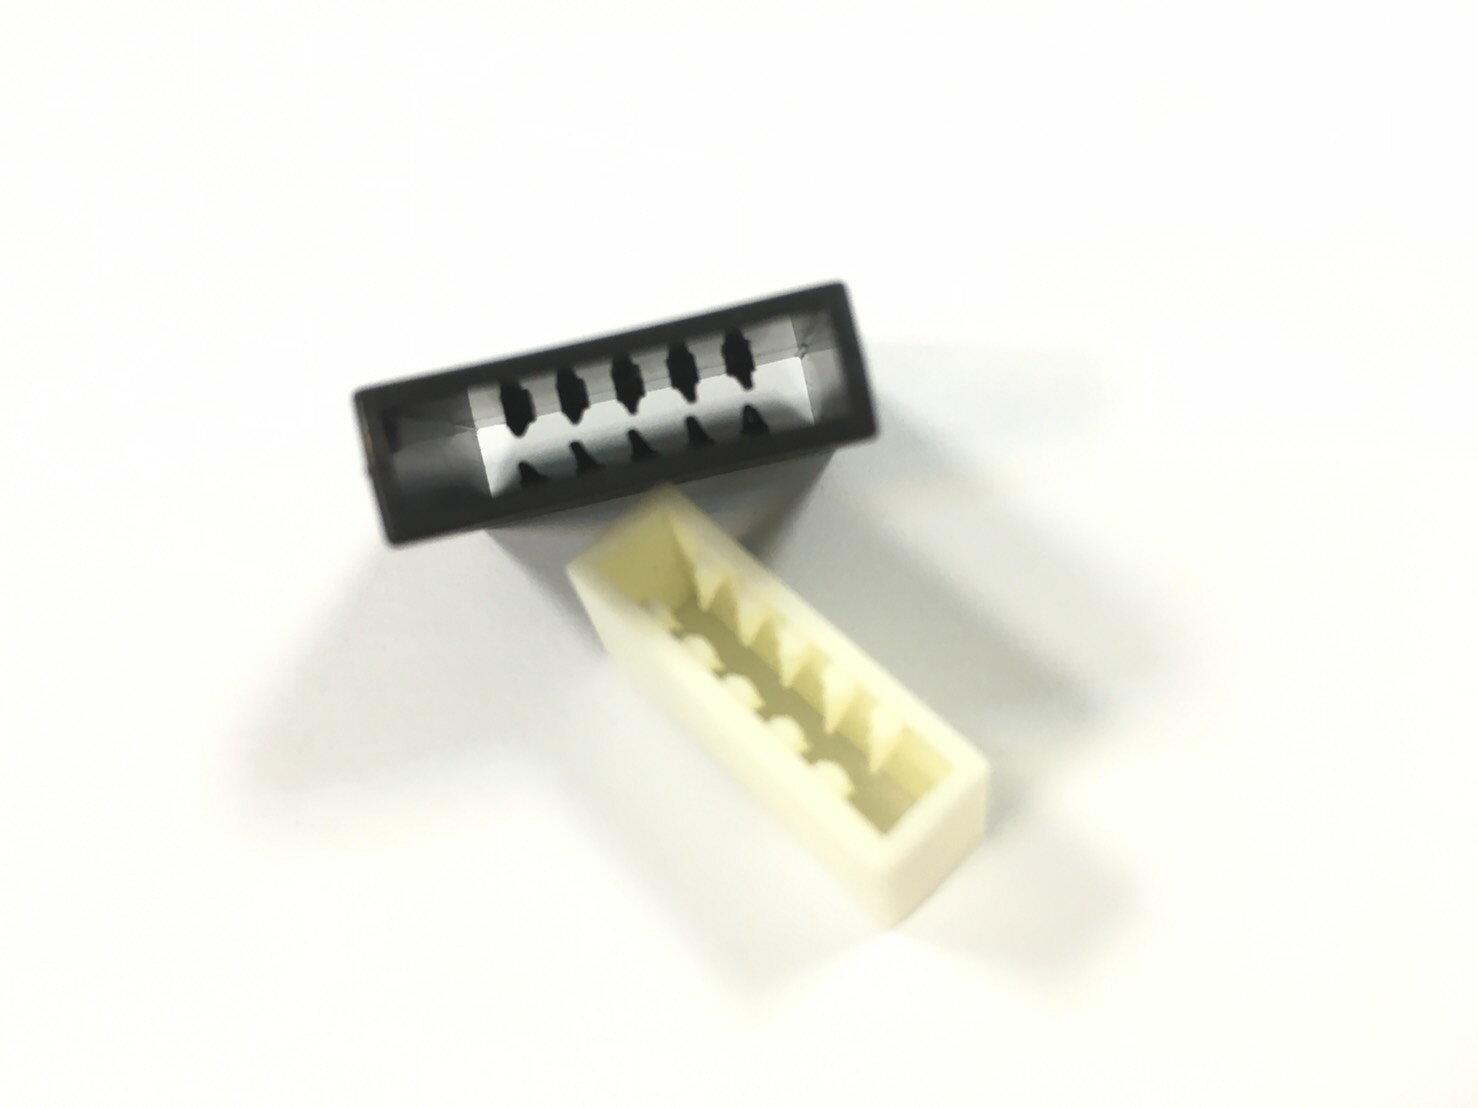 塑膠扣環 調節扣環 束繩扣環 束線環 緞帶扣環 調整扣環 方形扣環 束扣 束口扣 1